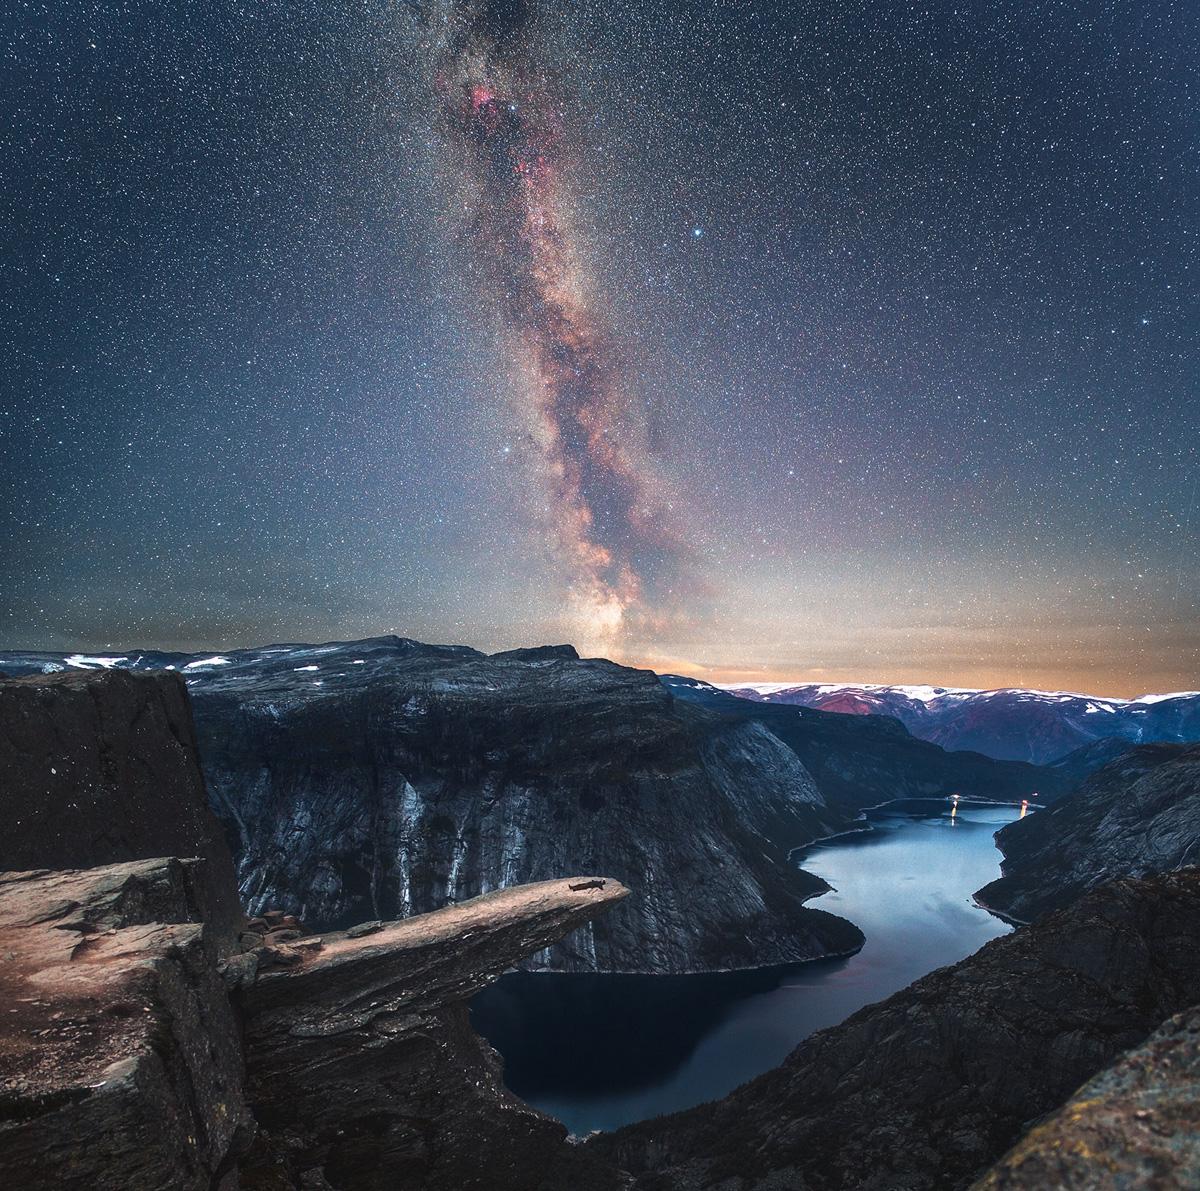 как увидеть Млечный Путь невооруженным глазом